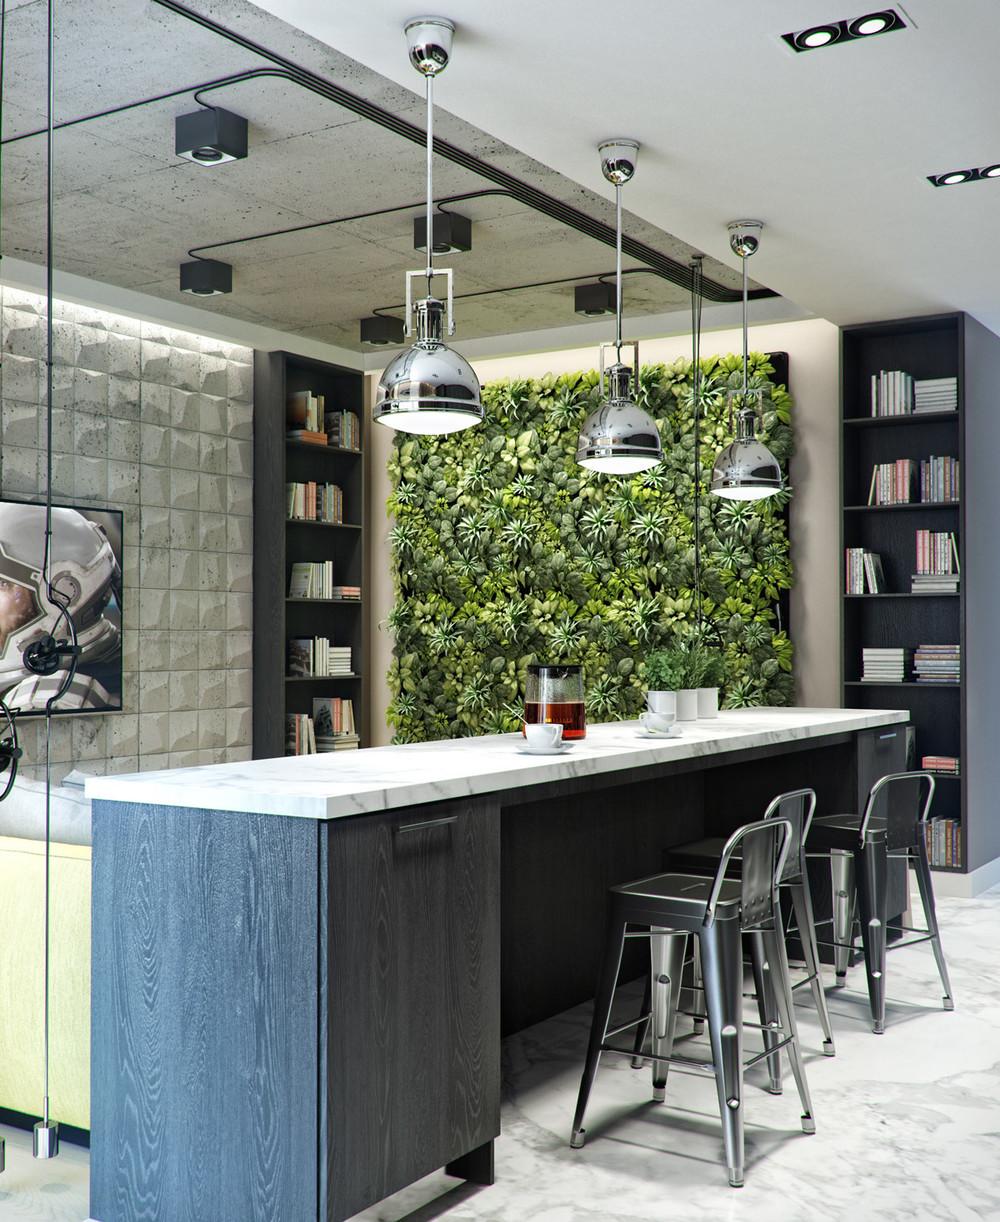 kitchen-vertical-garden-wall